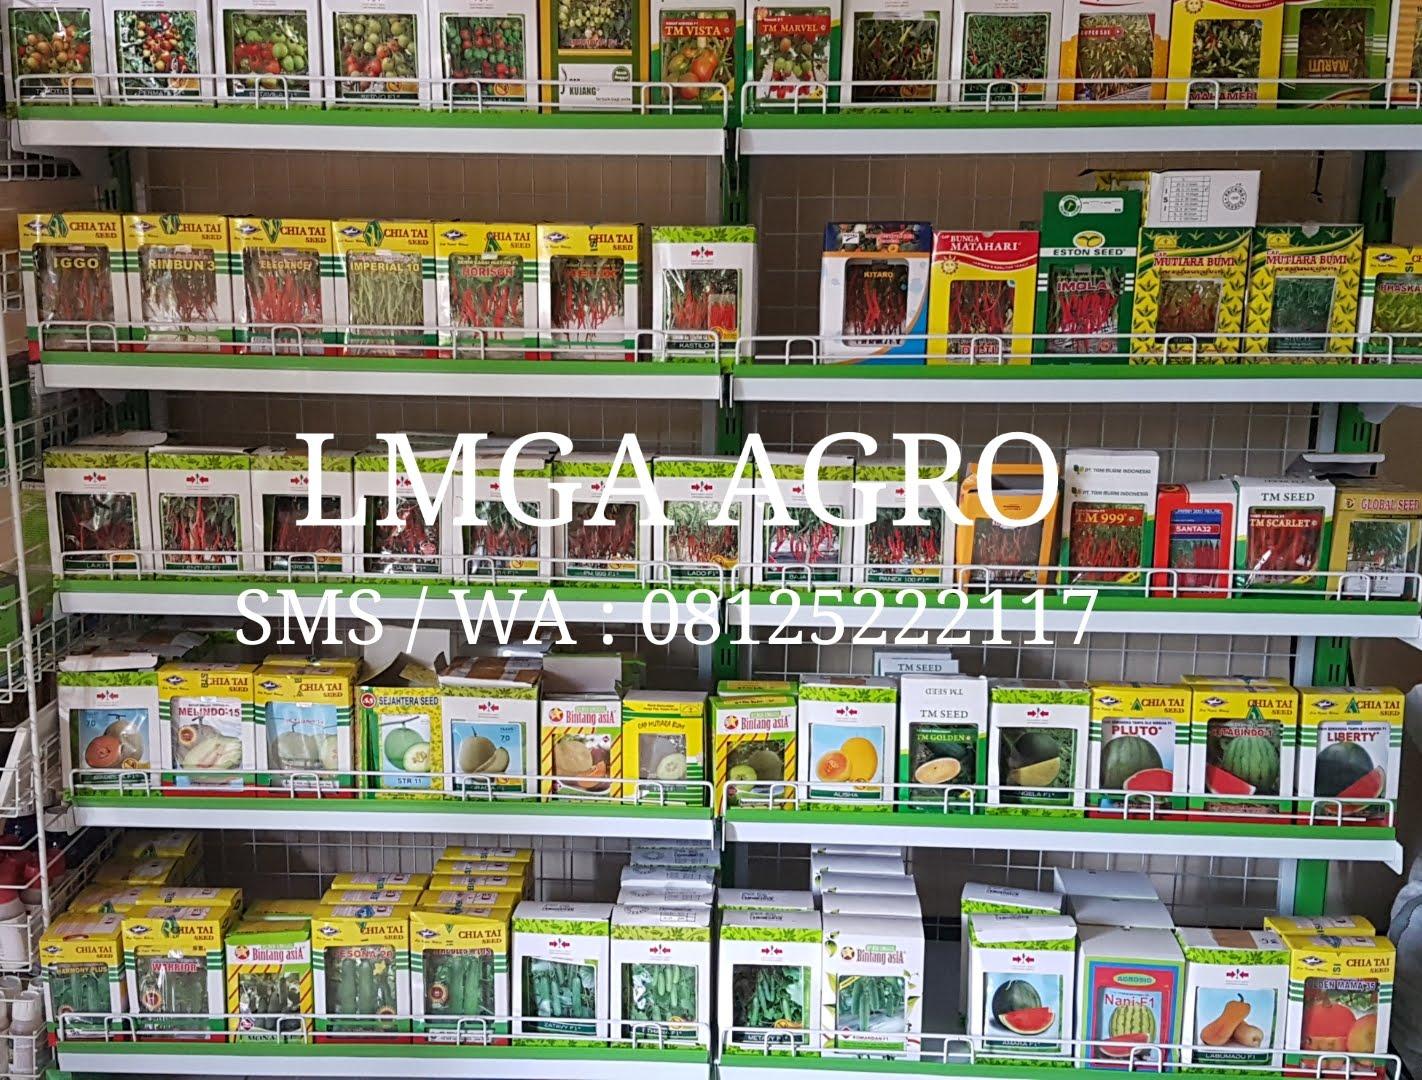 bisnis online, usaha pertanian, toko pertanian, toko online, lmga agro